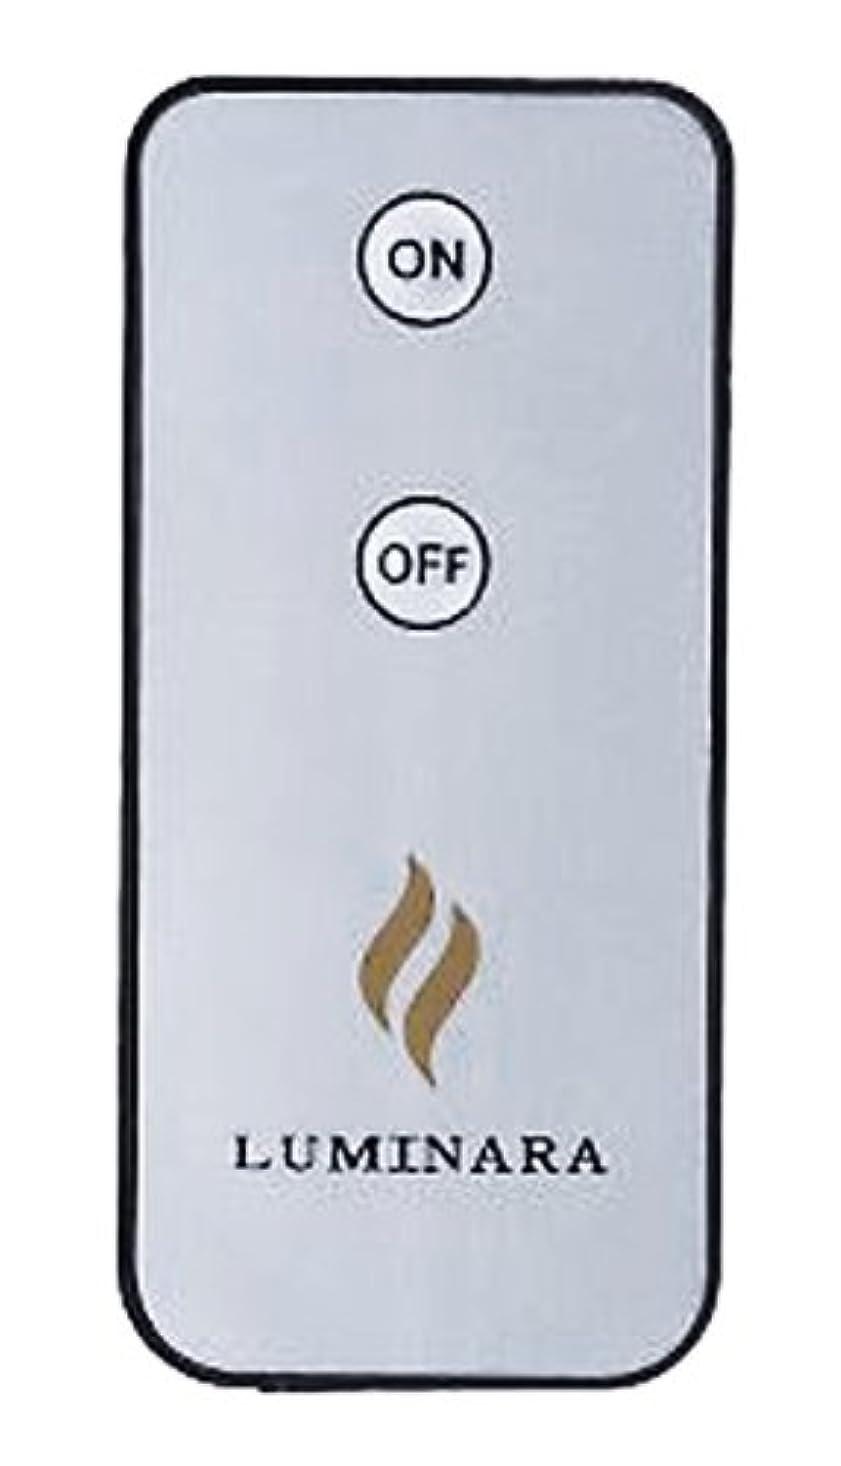 LUMINARA(ルミナラ)リモコン【ピラー専用】 03040000